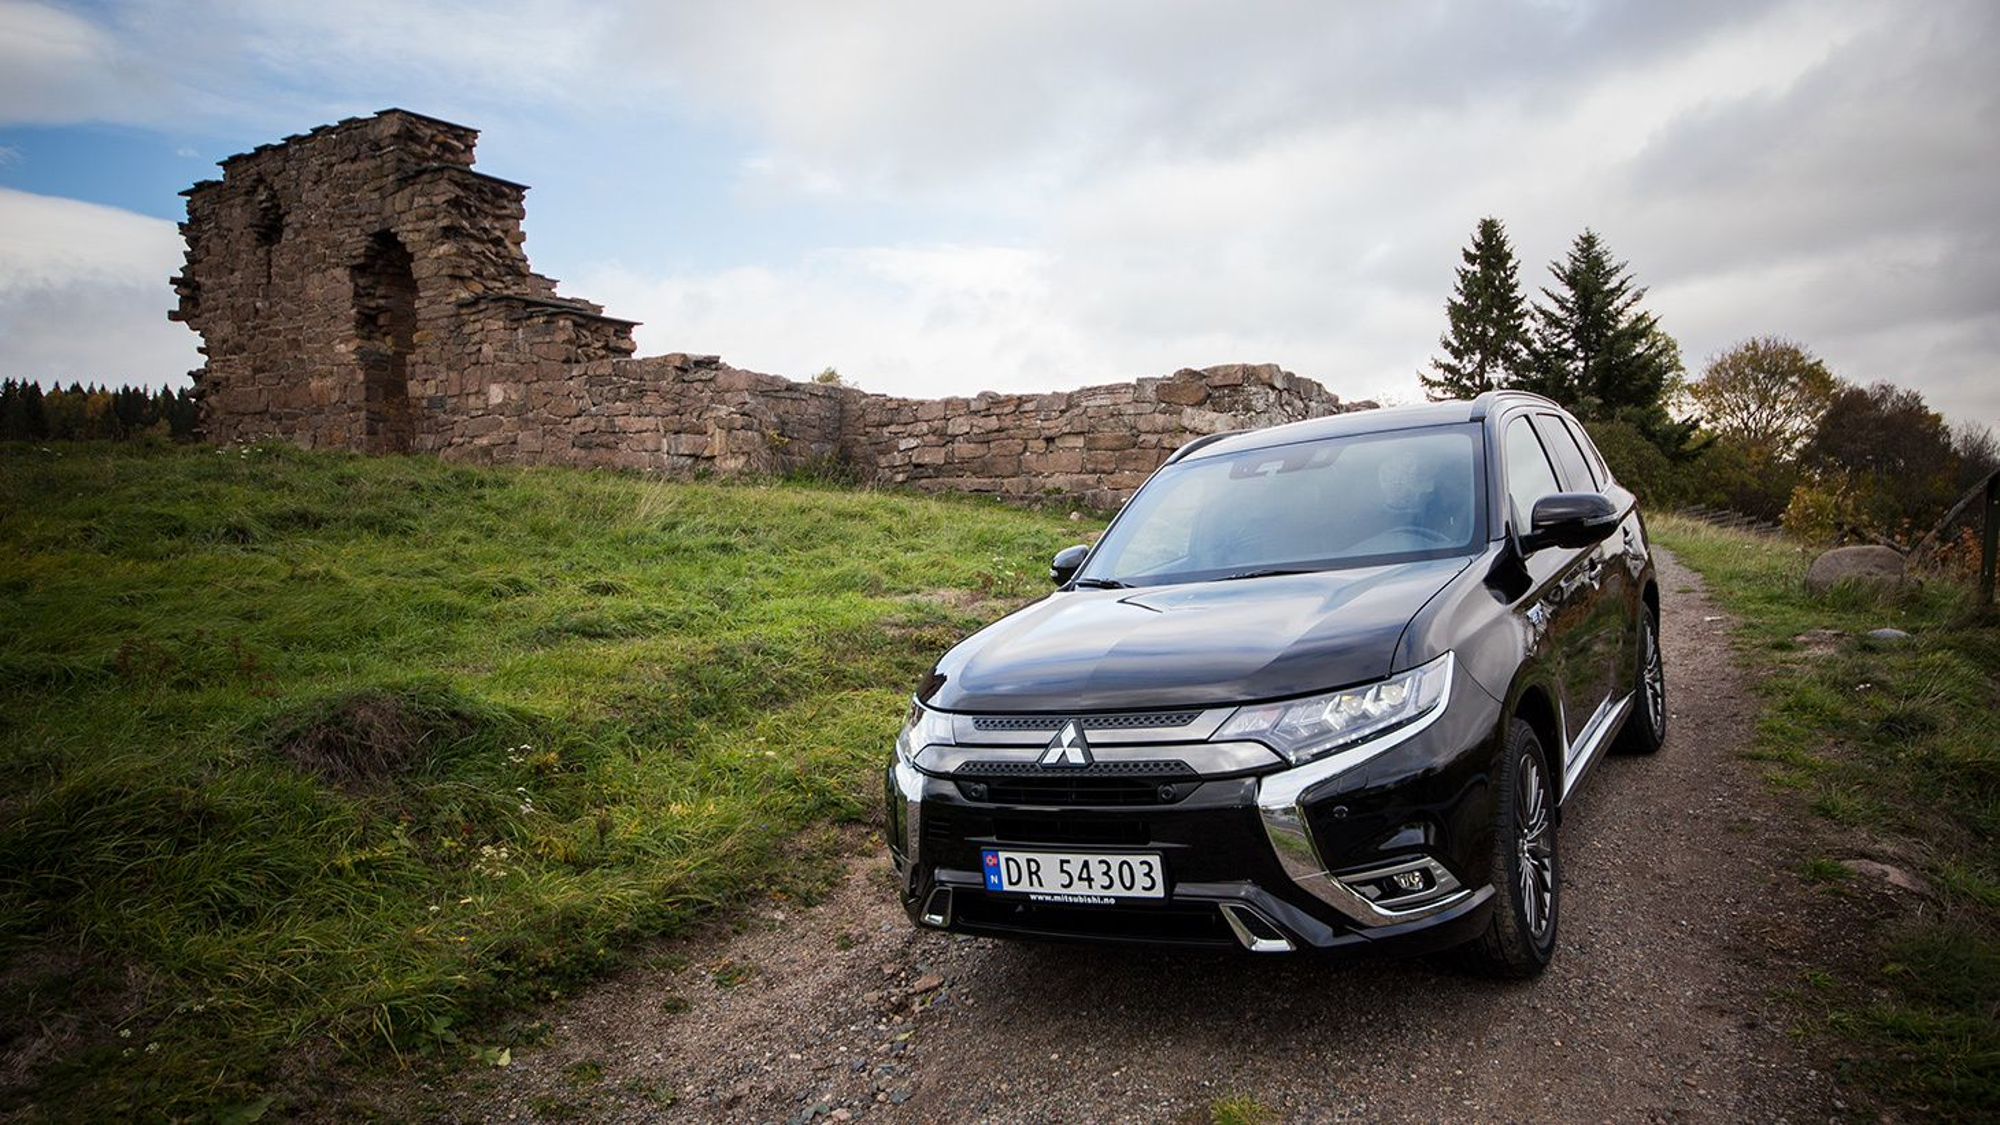 En Outlander PHEV i sitt rette element. Suksessmodellen til Mitsubishi kommer nå med lenger elektrisk rekkevidde, mulighet for hurtiglading og smarte løsninger for enda bedre veigrep.